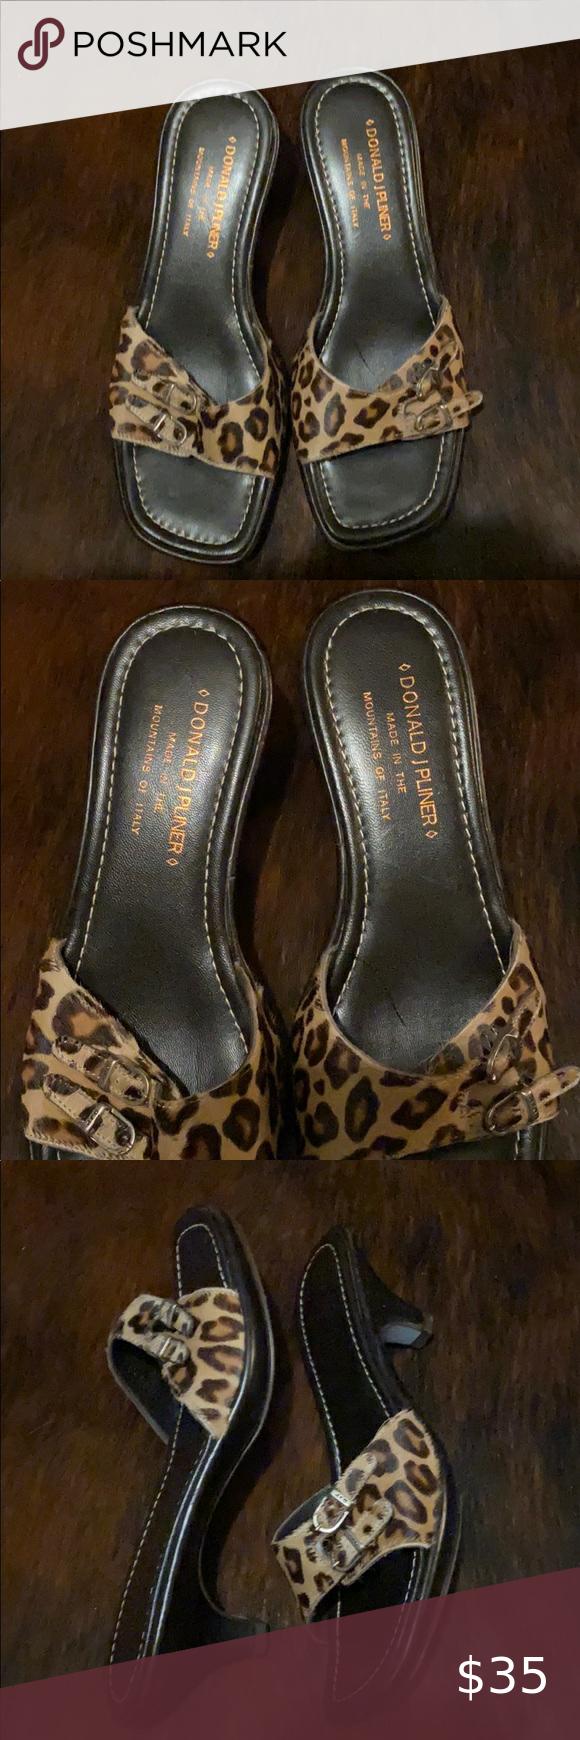 Leopard Donald Pliner Kitten Heel Sandals In 2020 Kitten Heel Sandals Shoes Women Heels Kitten Heels